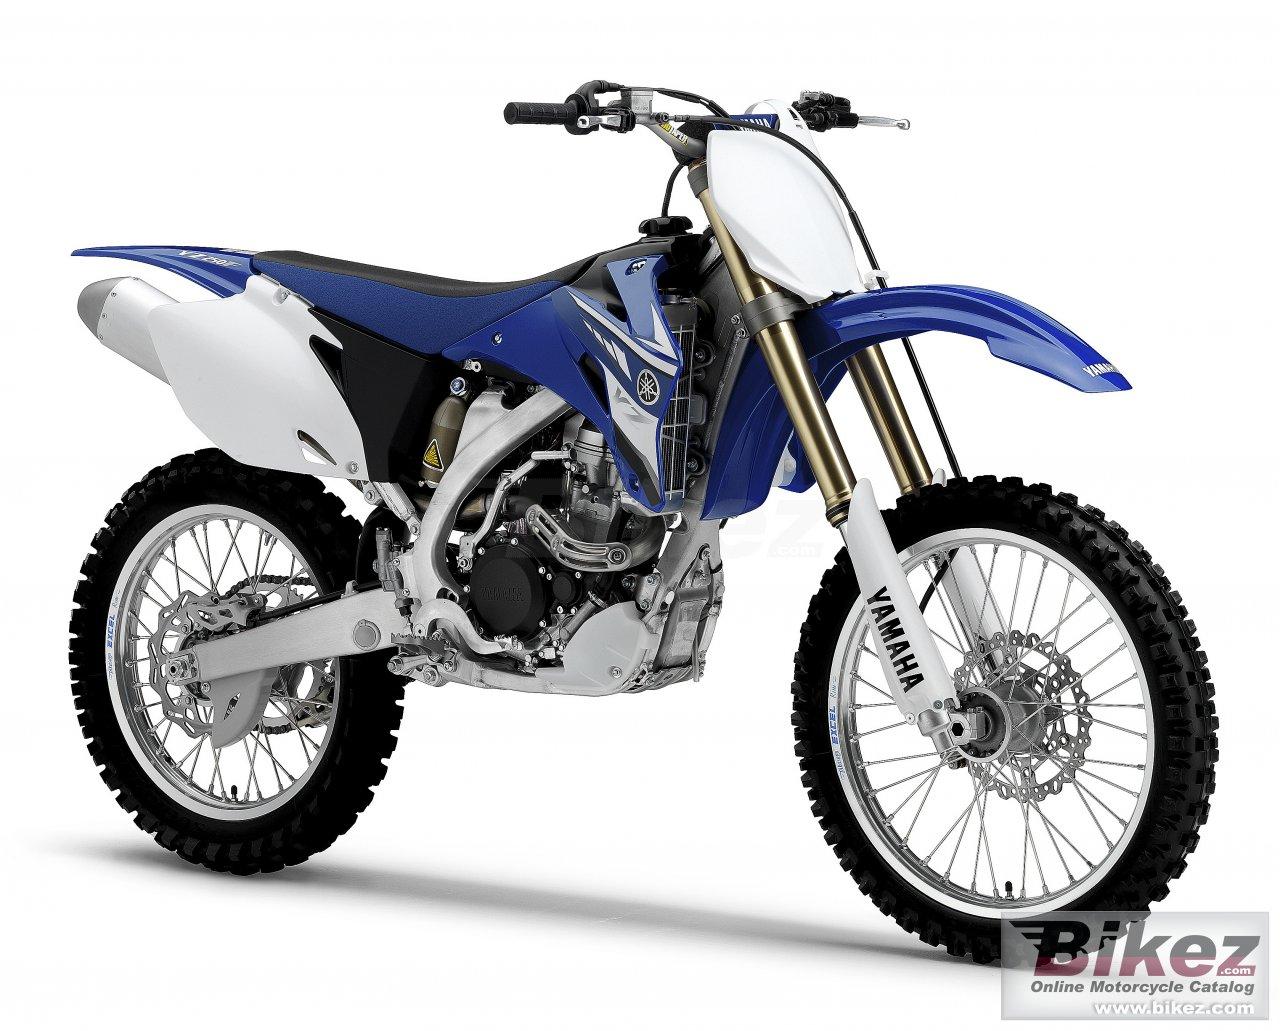 Yamaha Motorcycle Catalog